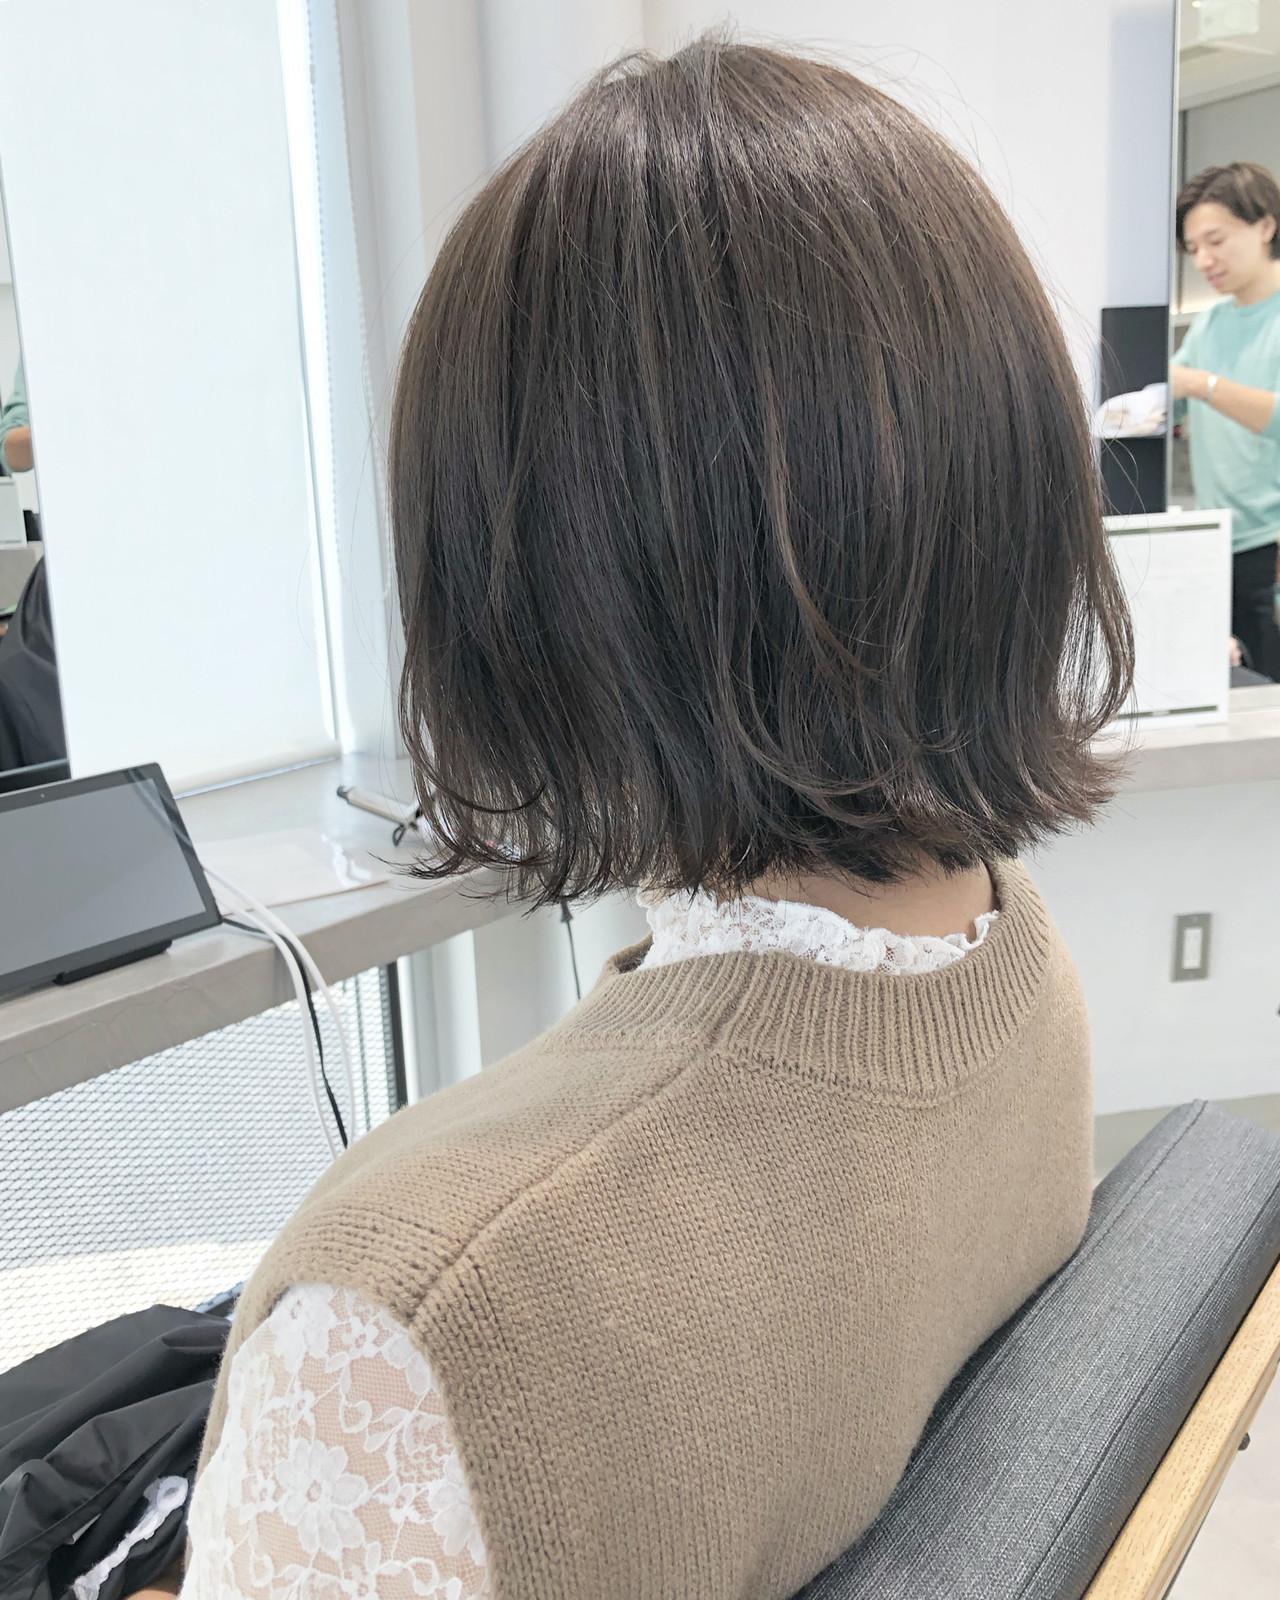 切りっぱなしボブ ミニボブ ショートボブ ボブ ヘアスタイルや髪型の写真・画像 | 市岡 久 / BLANCOtres